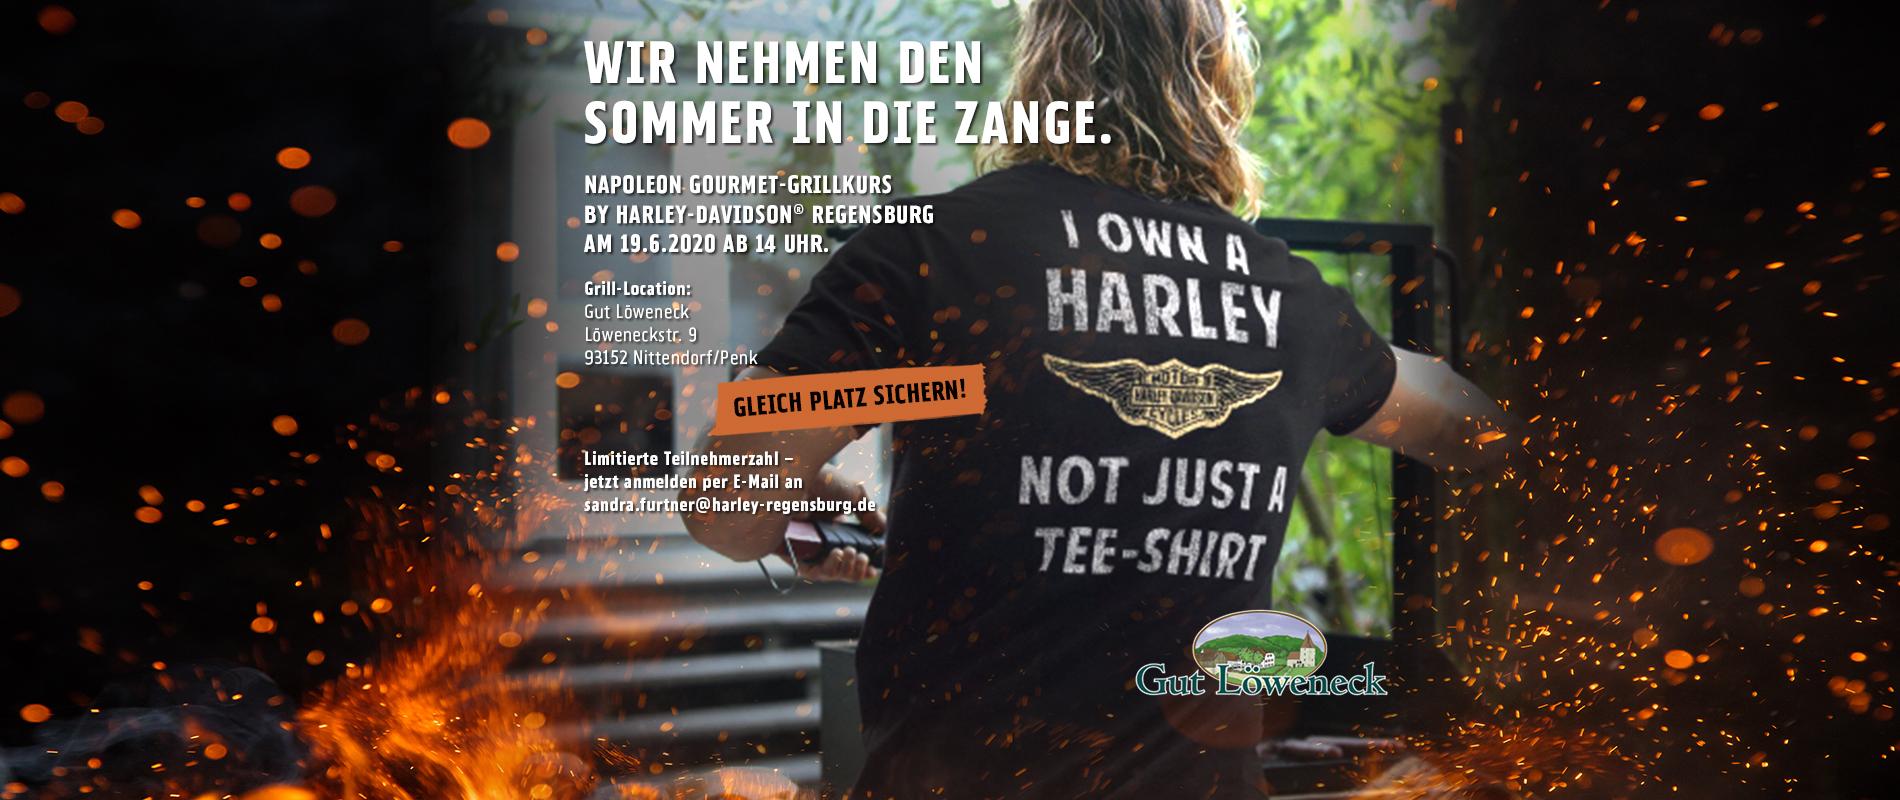 HD_RegSchwarz_Billboards_Grillen_2019_Regensburg